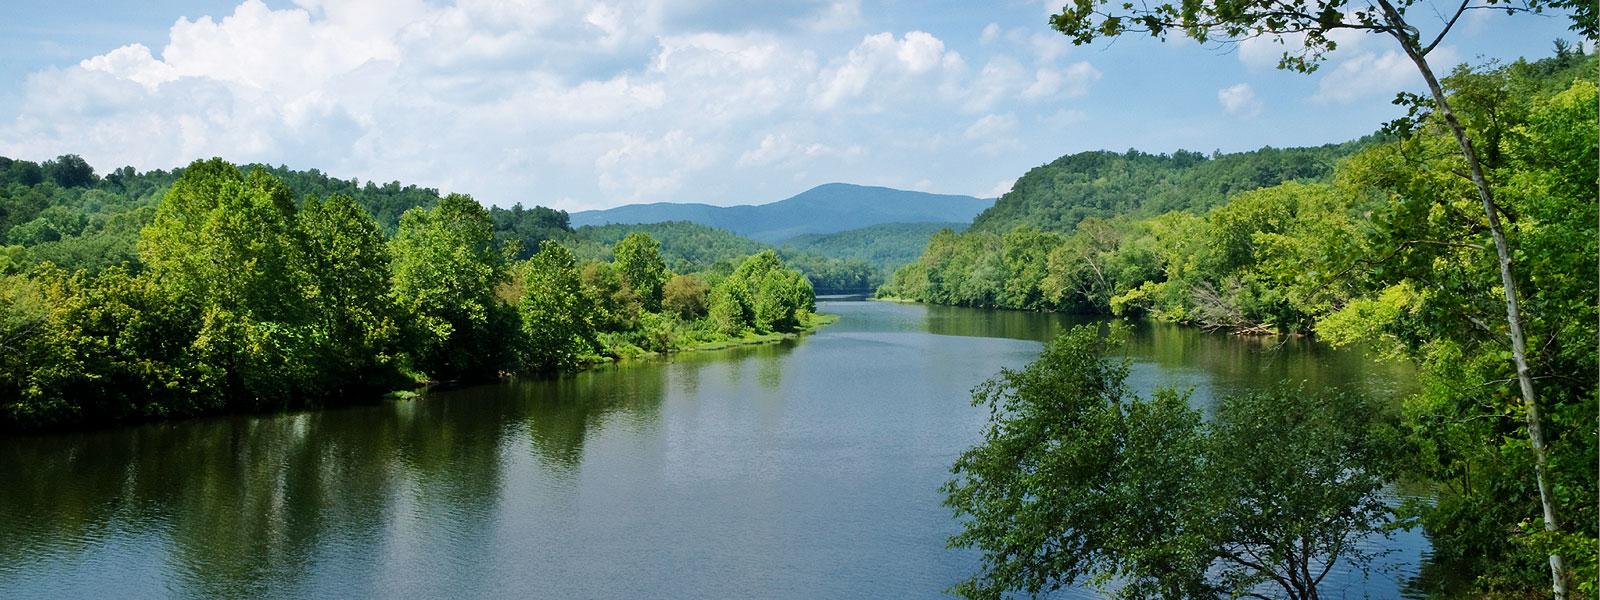 Loch in Virginia